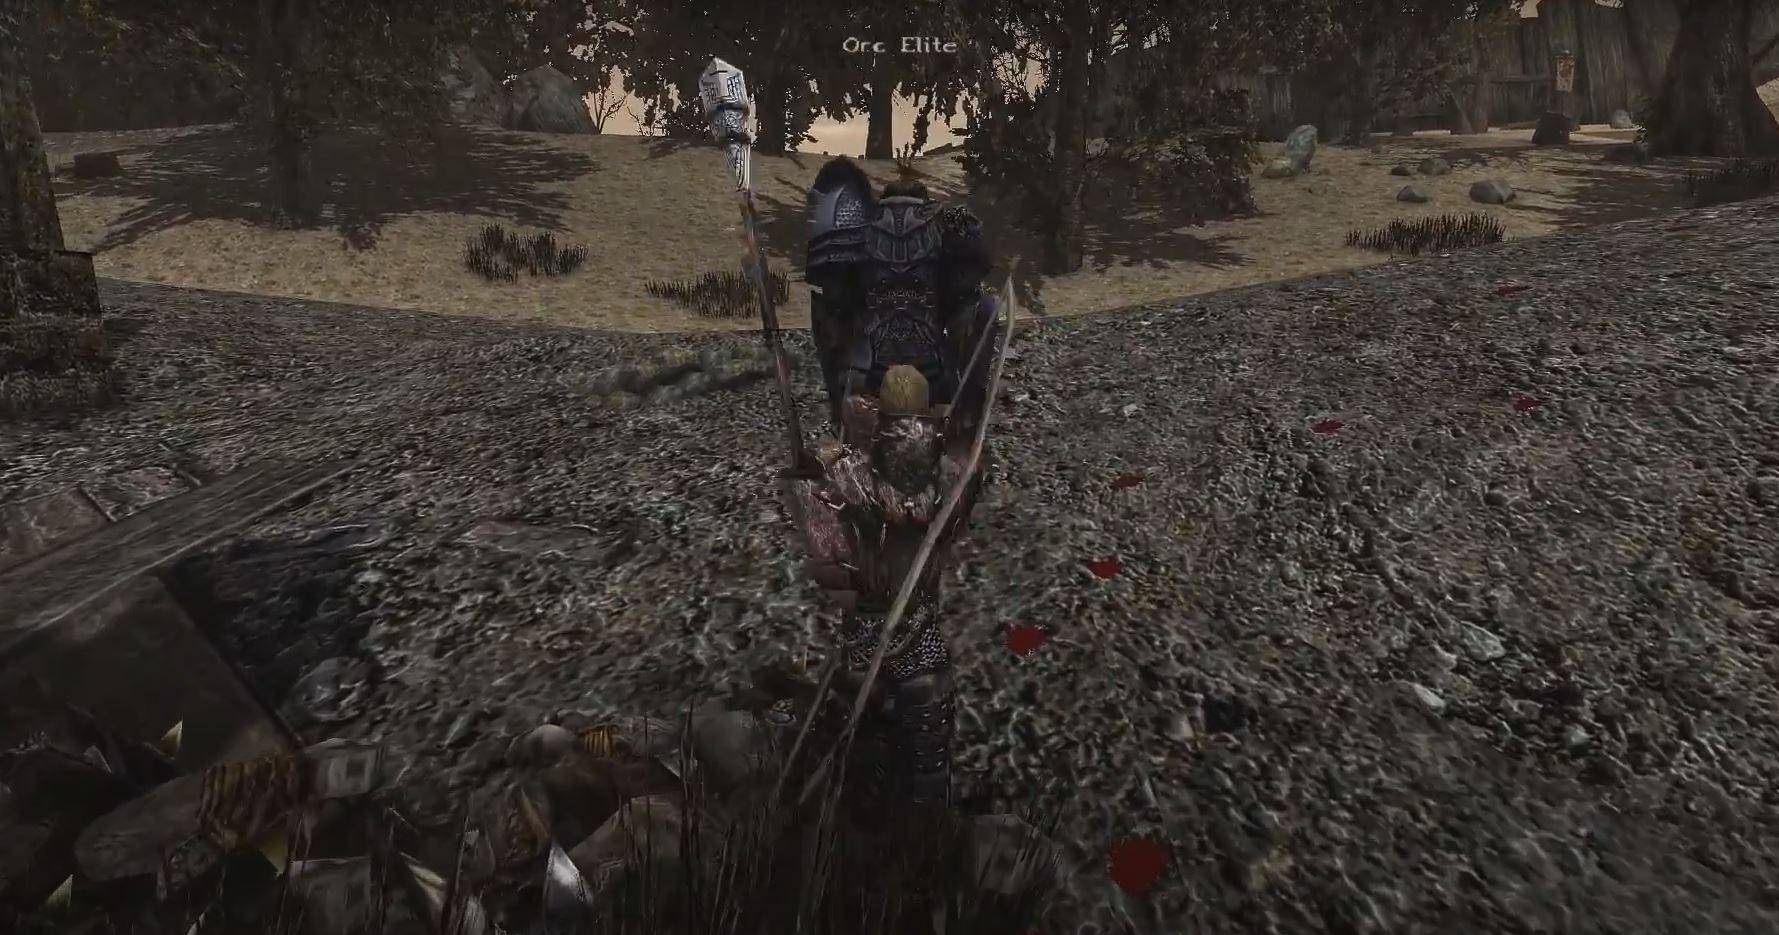 Gothic 2: Ork-Elite im Minental von Khorinis